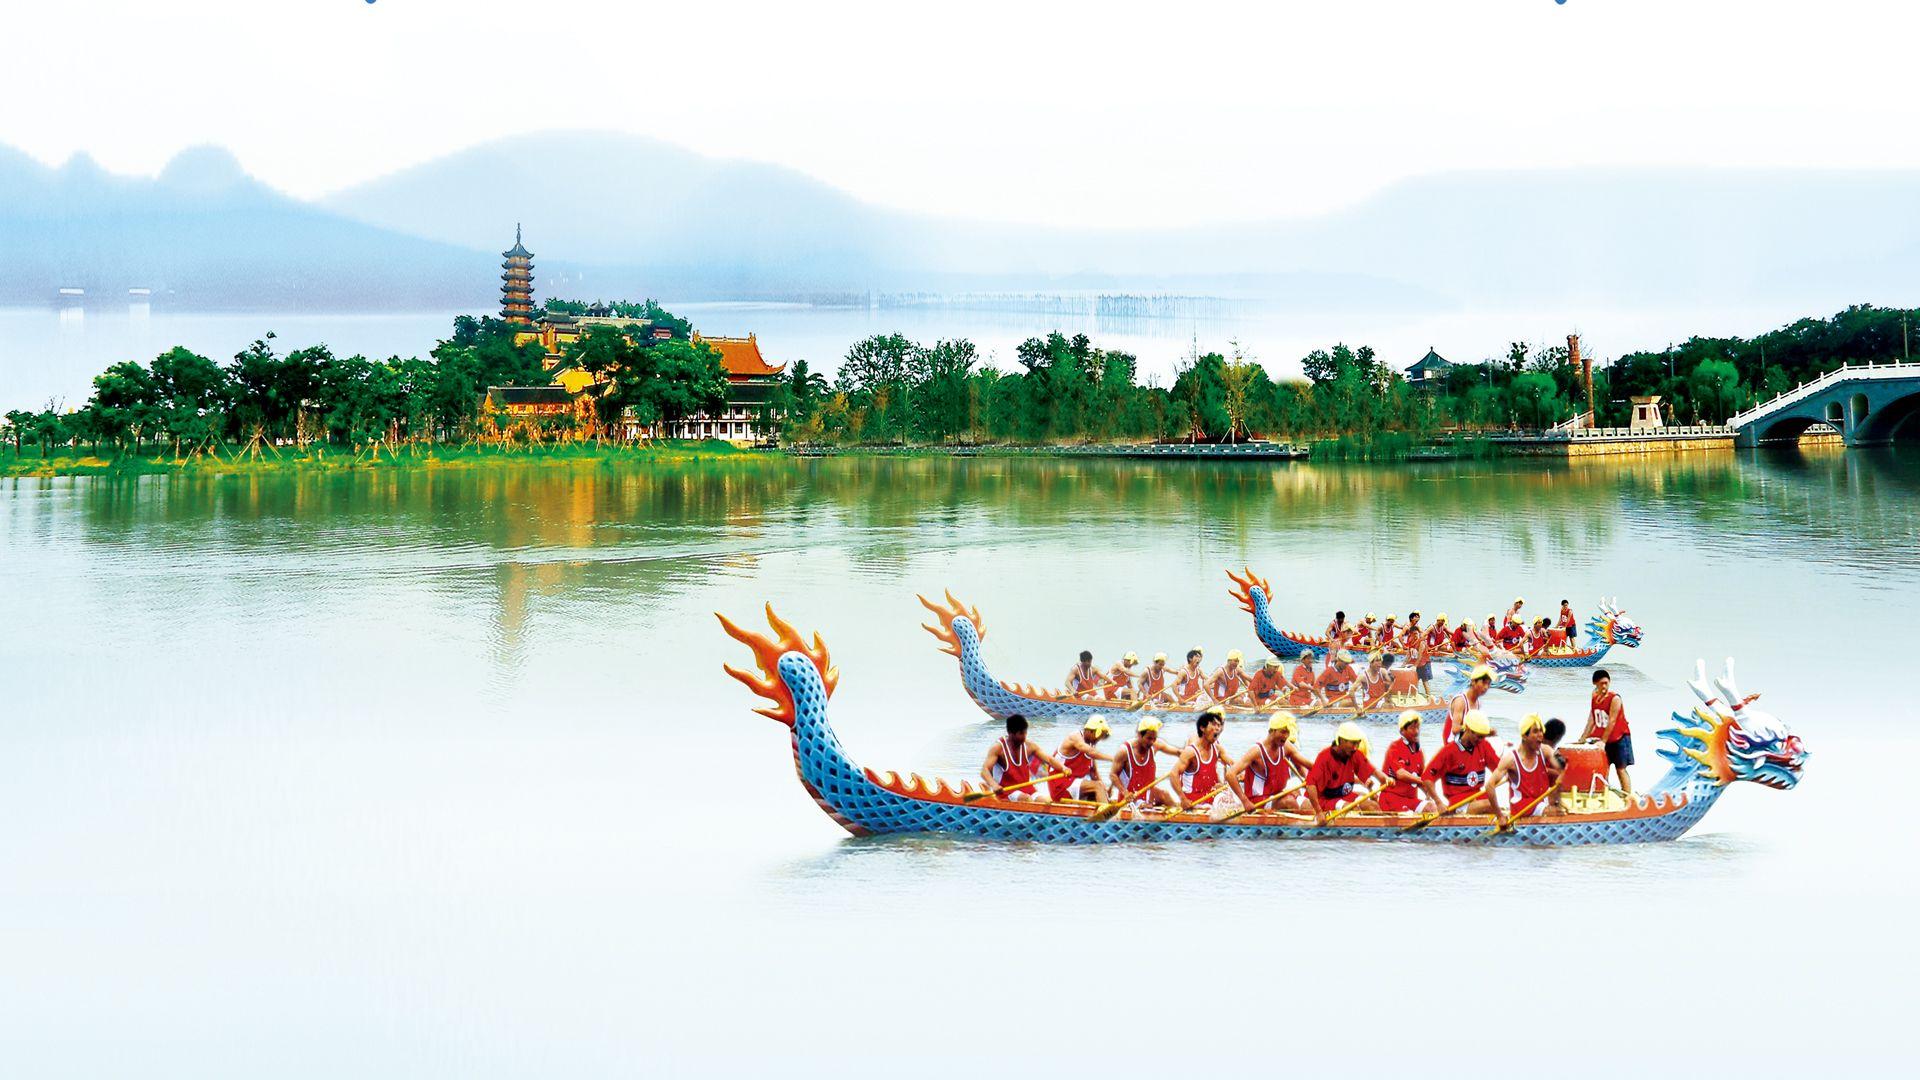 唐,宋,元,明,清各代的帝皇,均有临水边观看龙舟的娱乐,也属于游戏之类